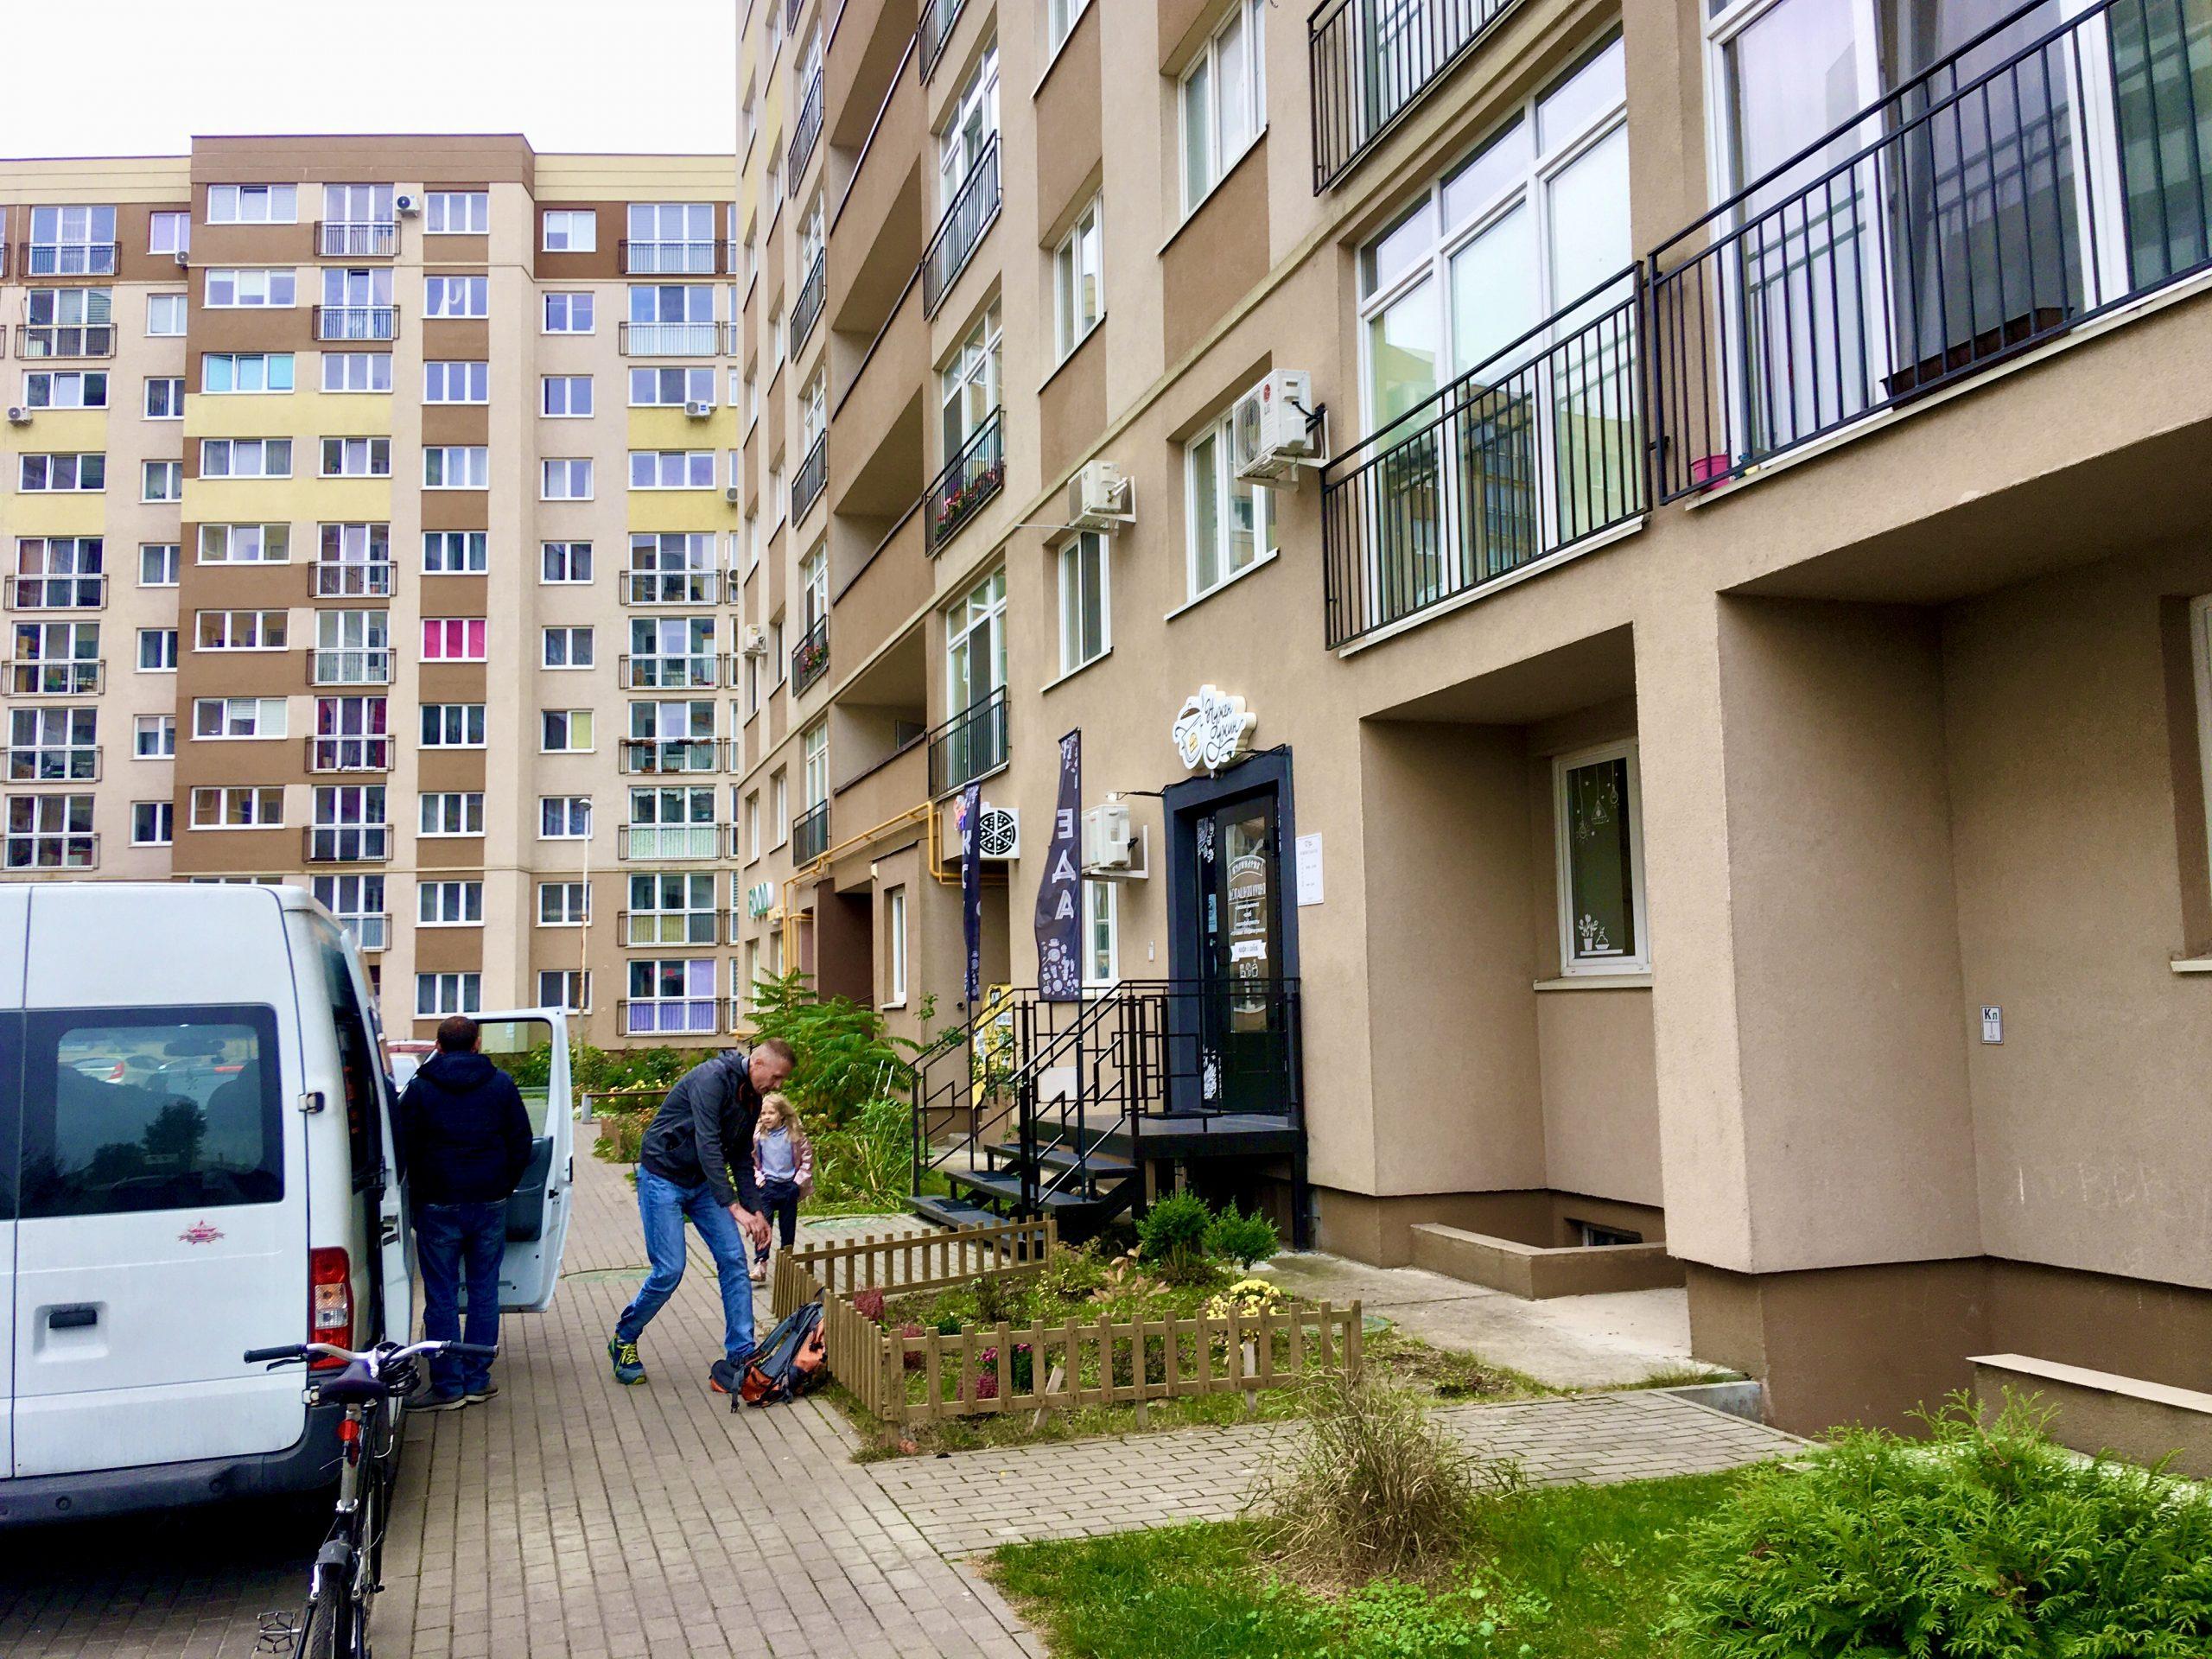 Коммерческое помещение по ул. Осенняя дом 6Б, LVII (№ 57)